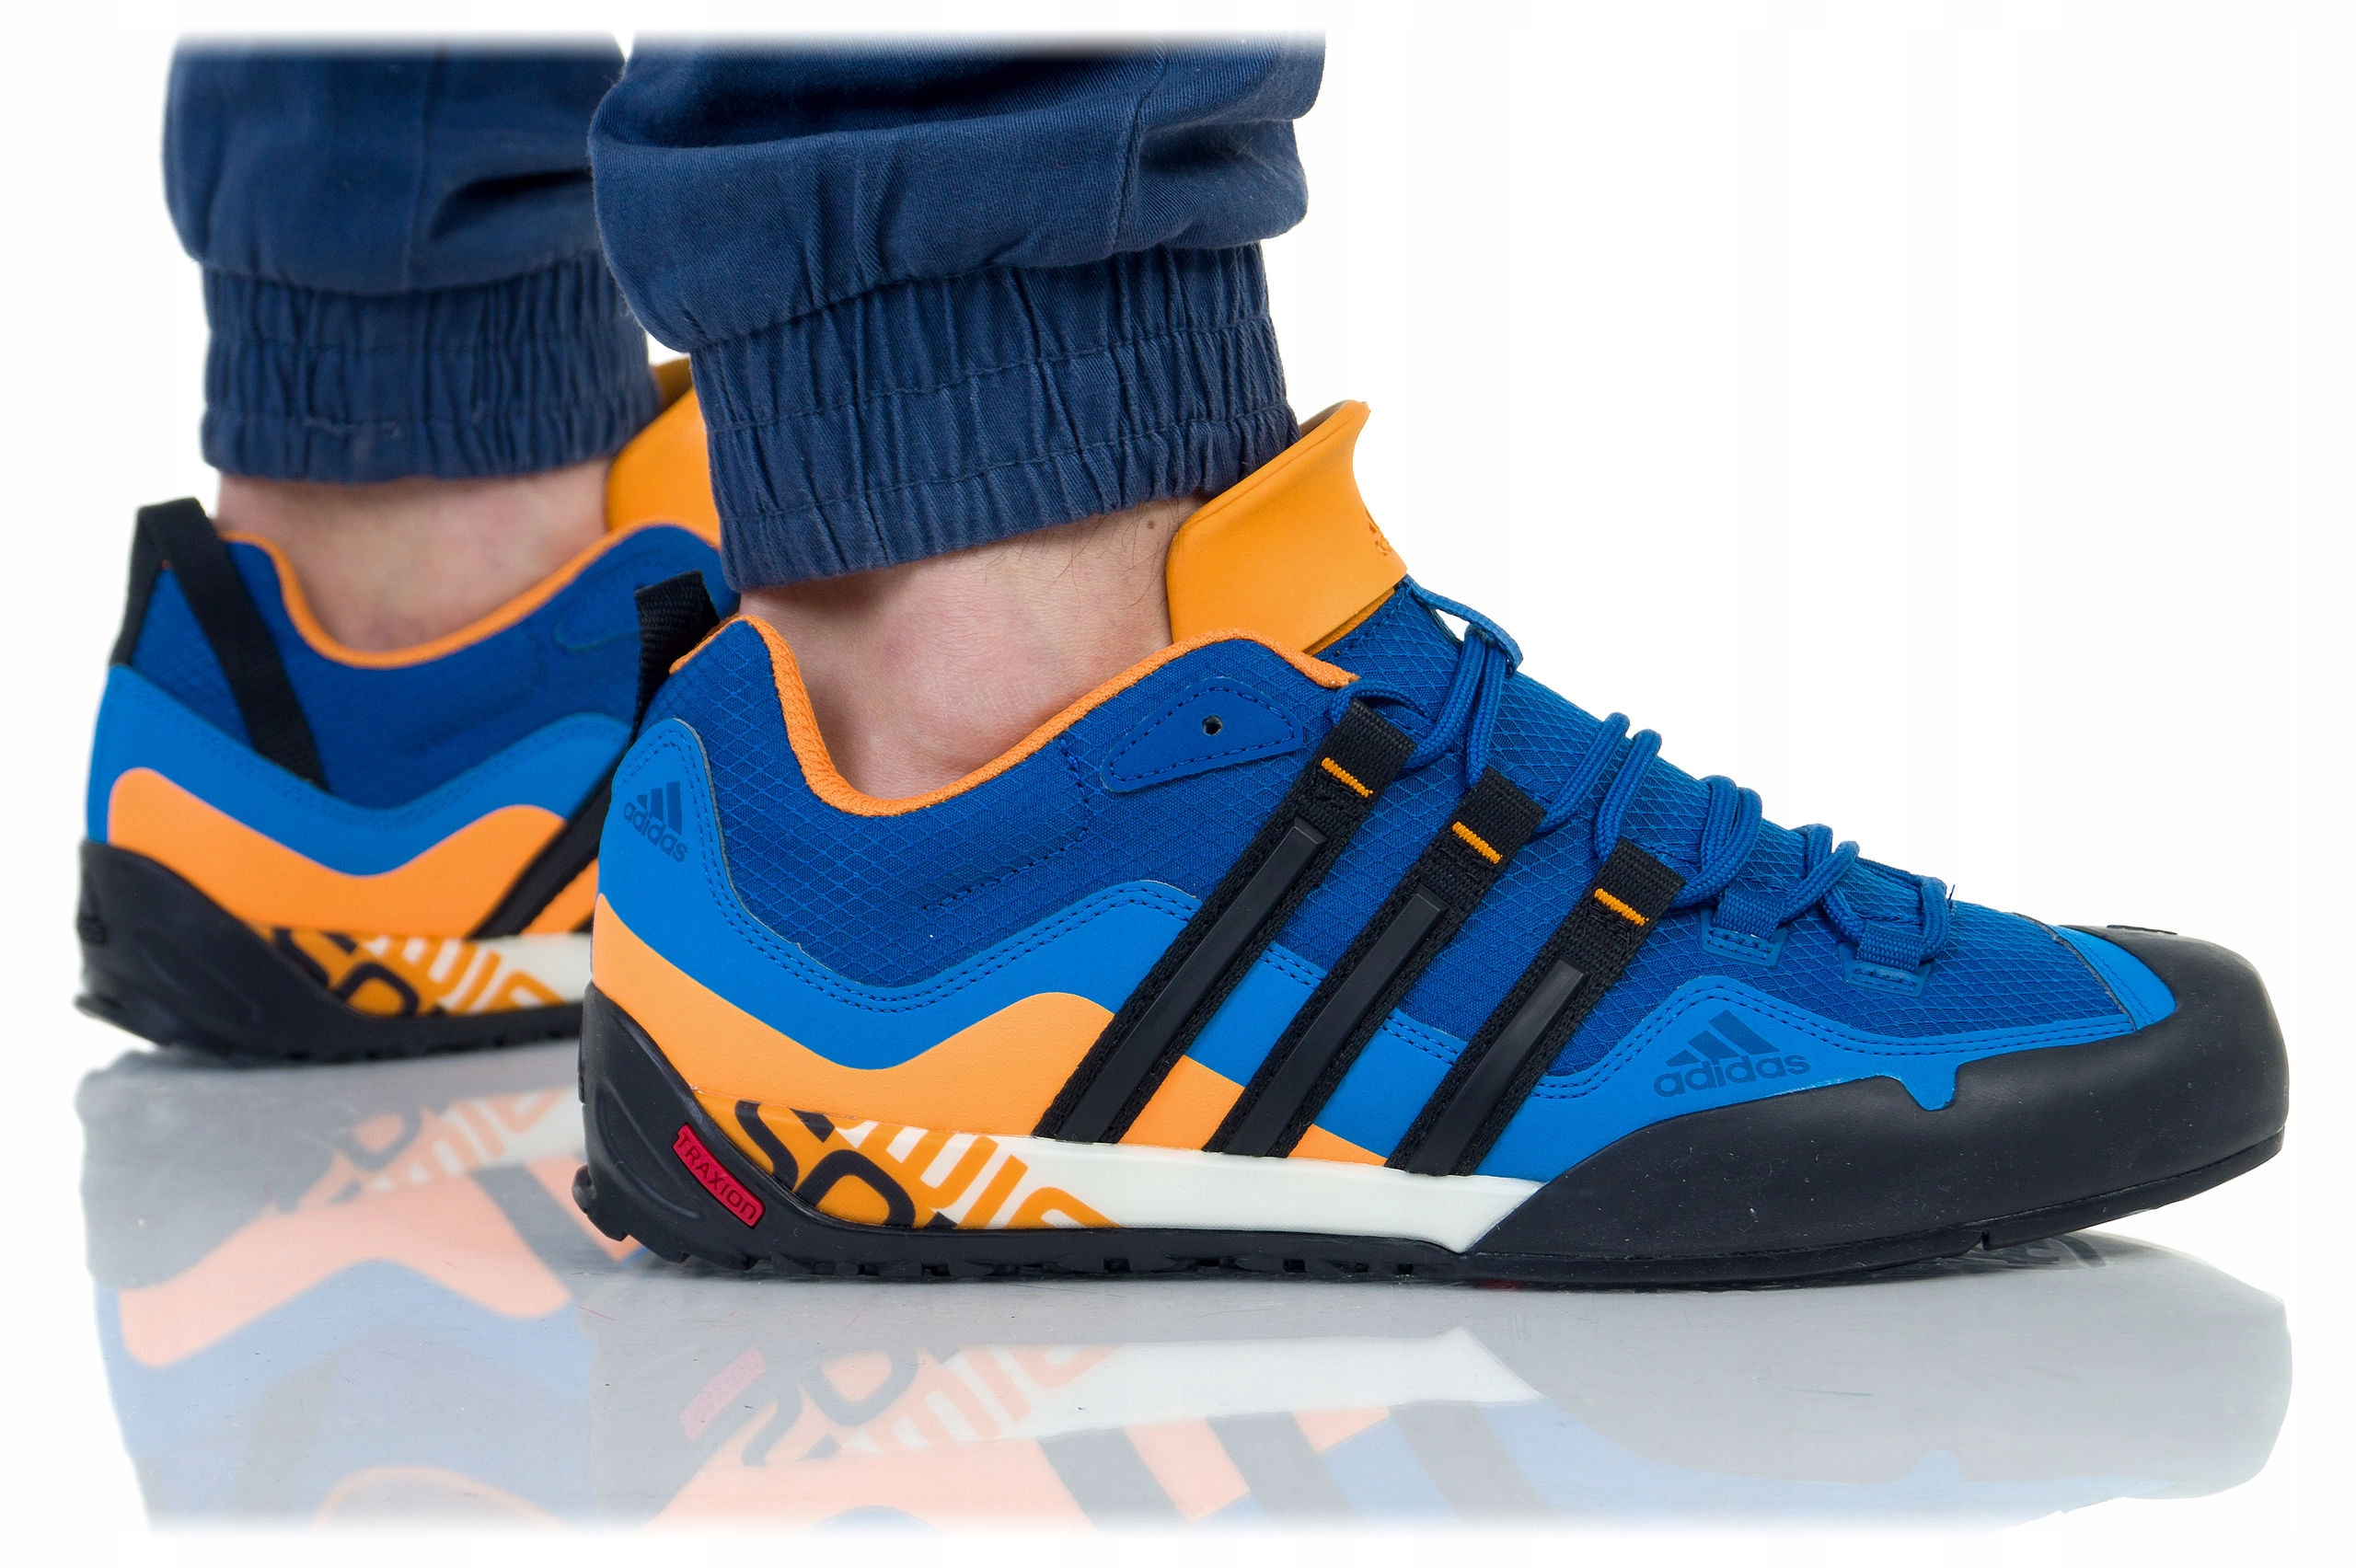 Buty Adidas TERREX SWIFT SOLO AQ5296 niebiesko pomarańczowe